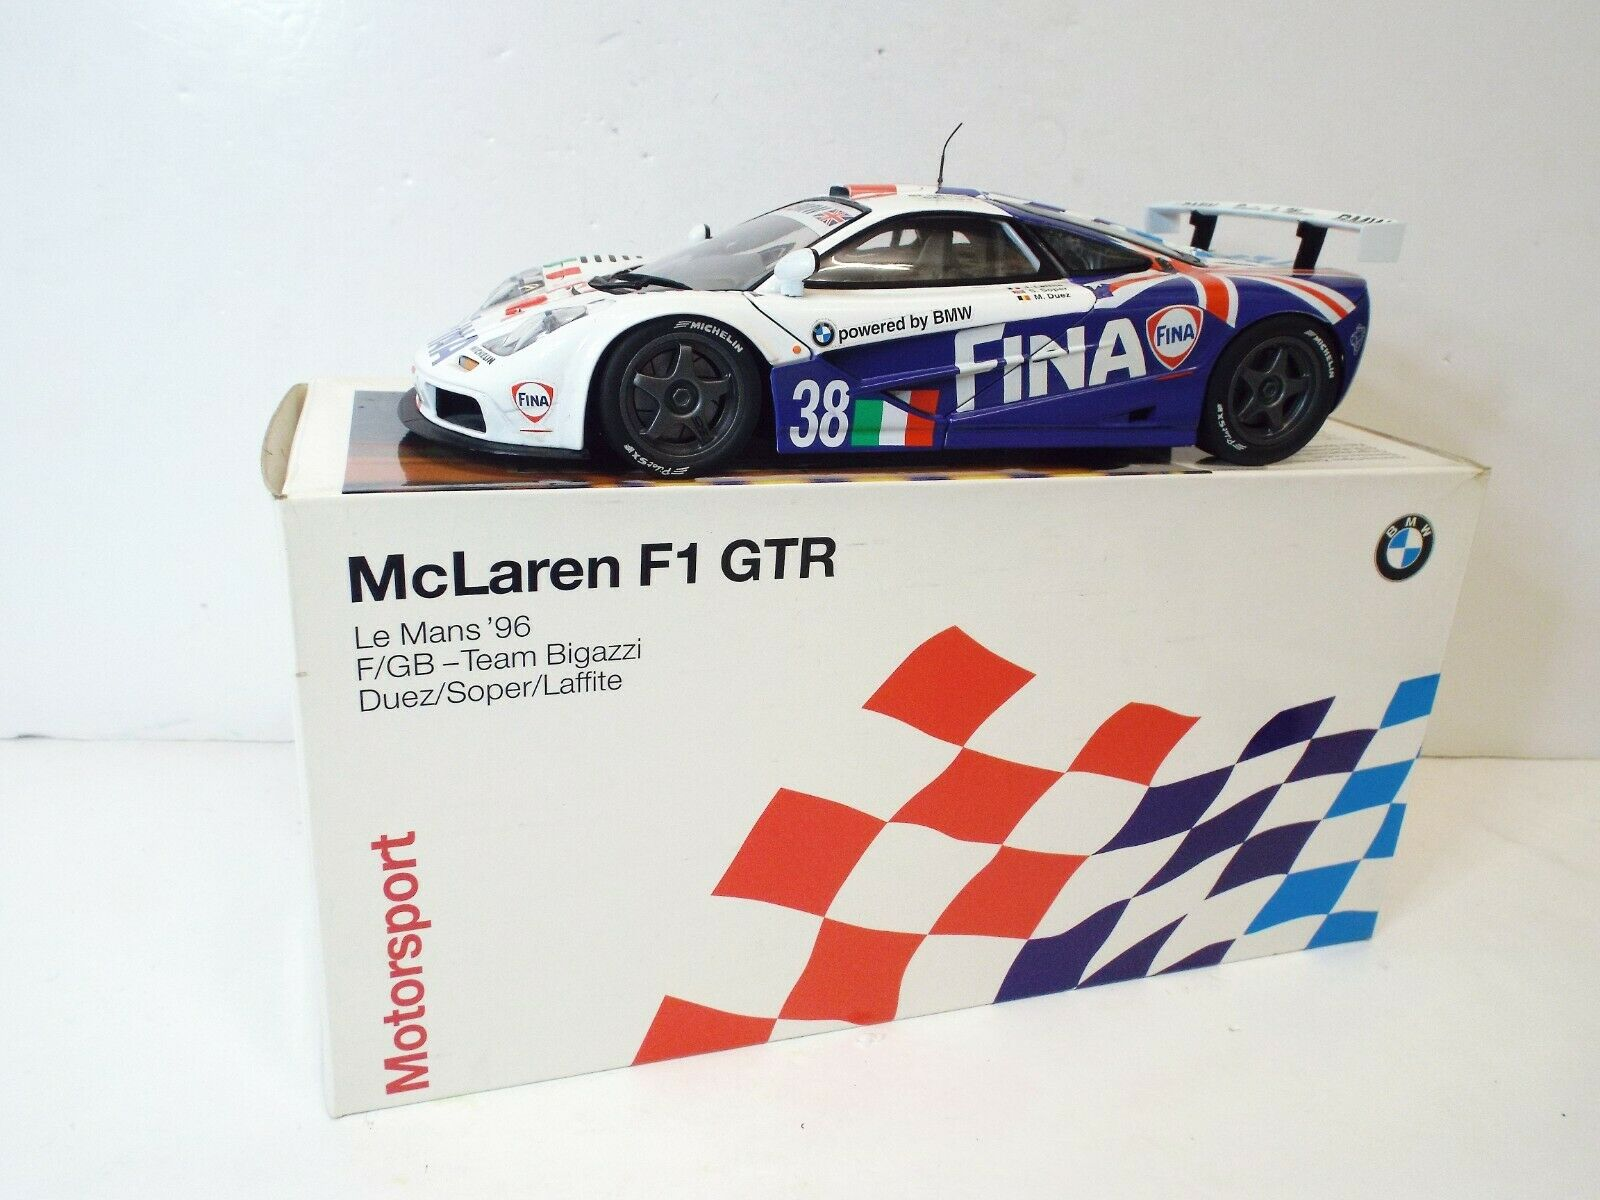 1.18 horas promoción del modelo ut para la comitiva de de de vehículos mckenne F1 GTR Leman 96 fin bigazzi MIB (1  18.128) 88b